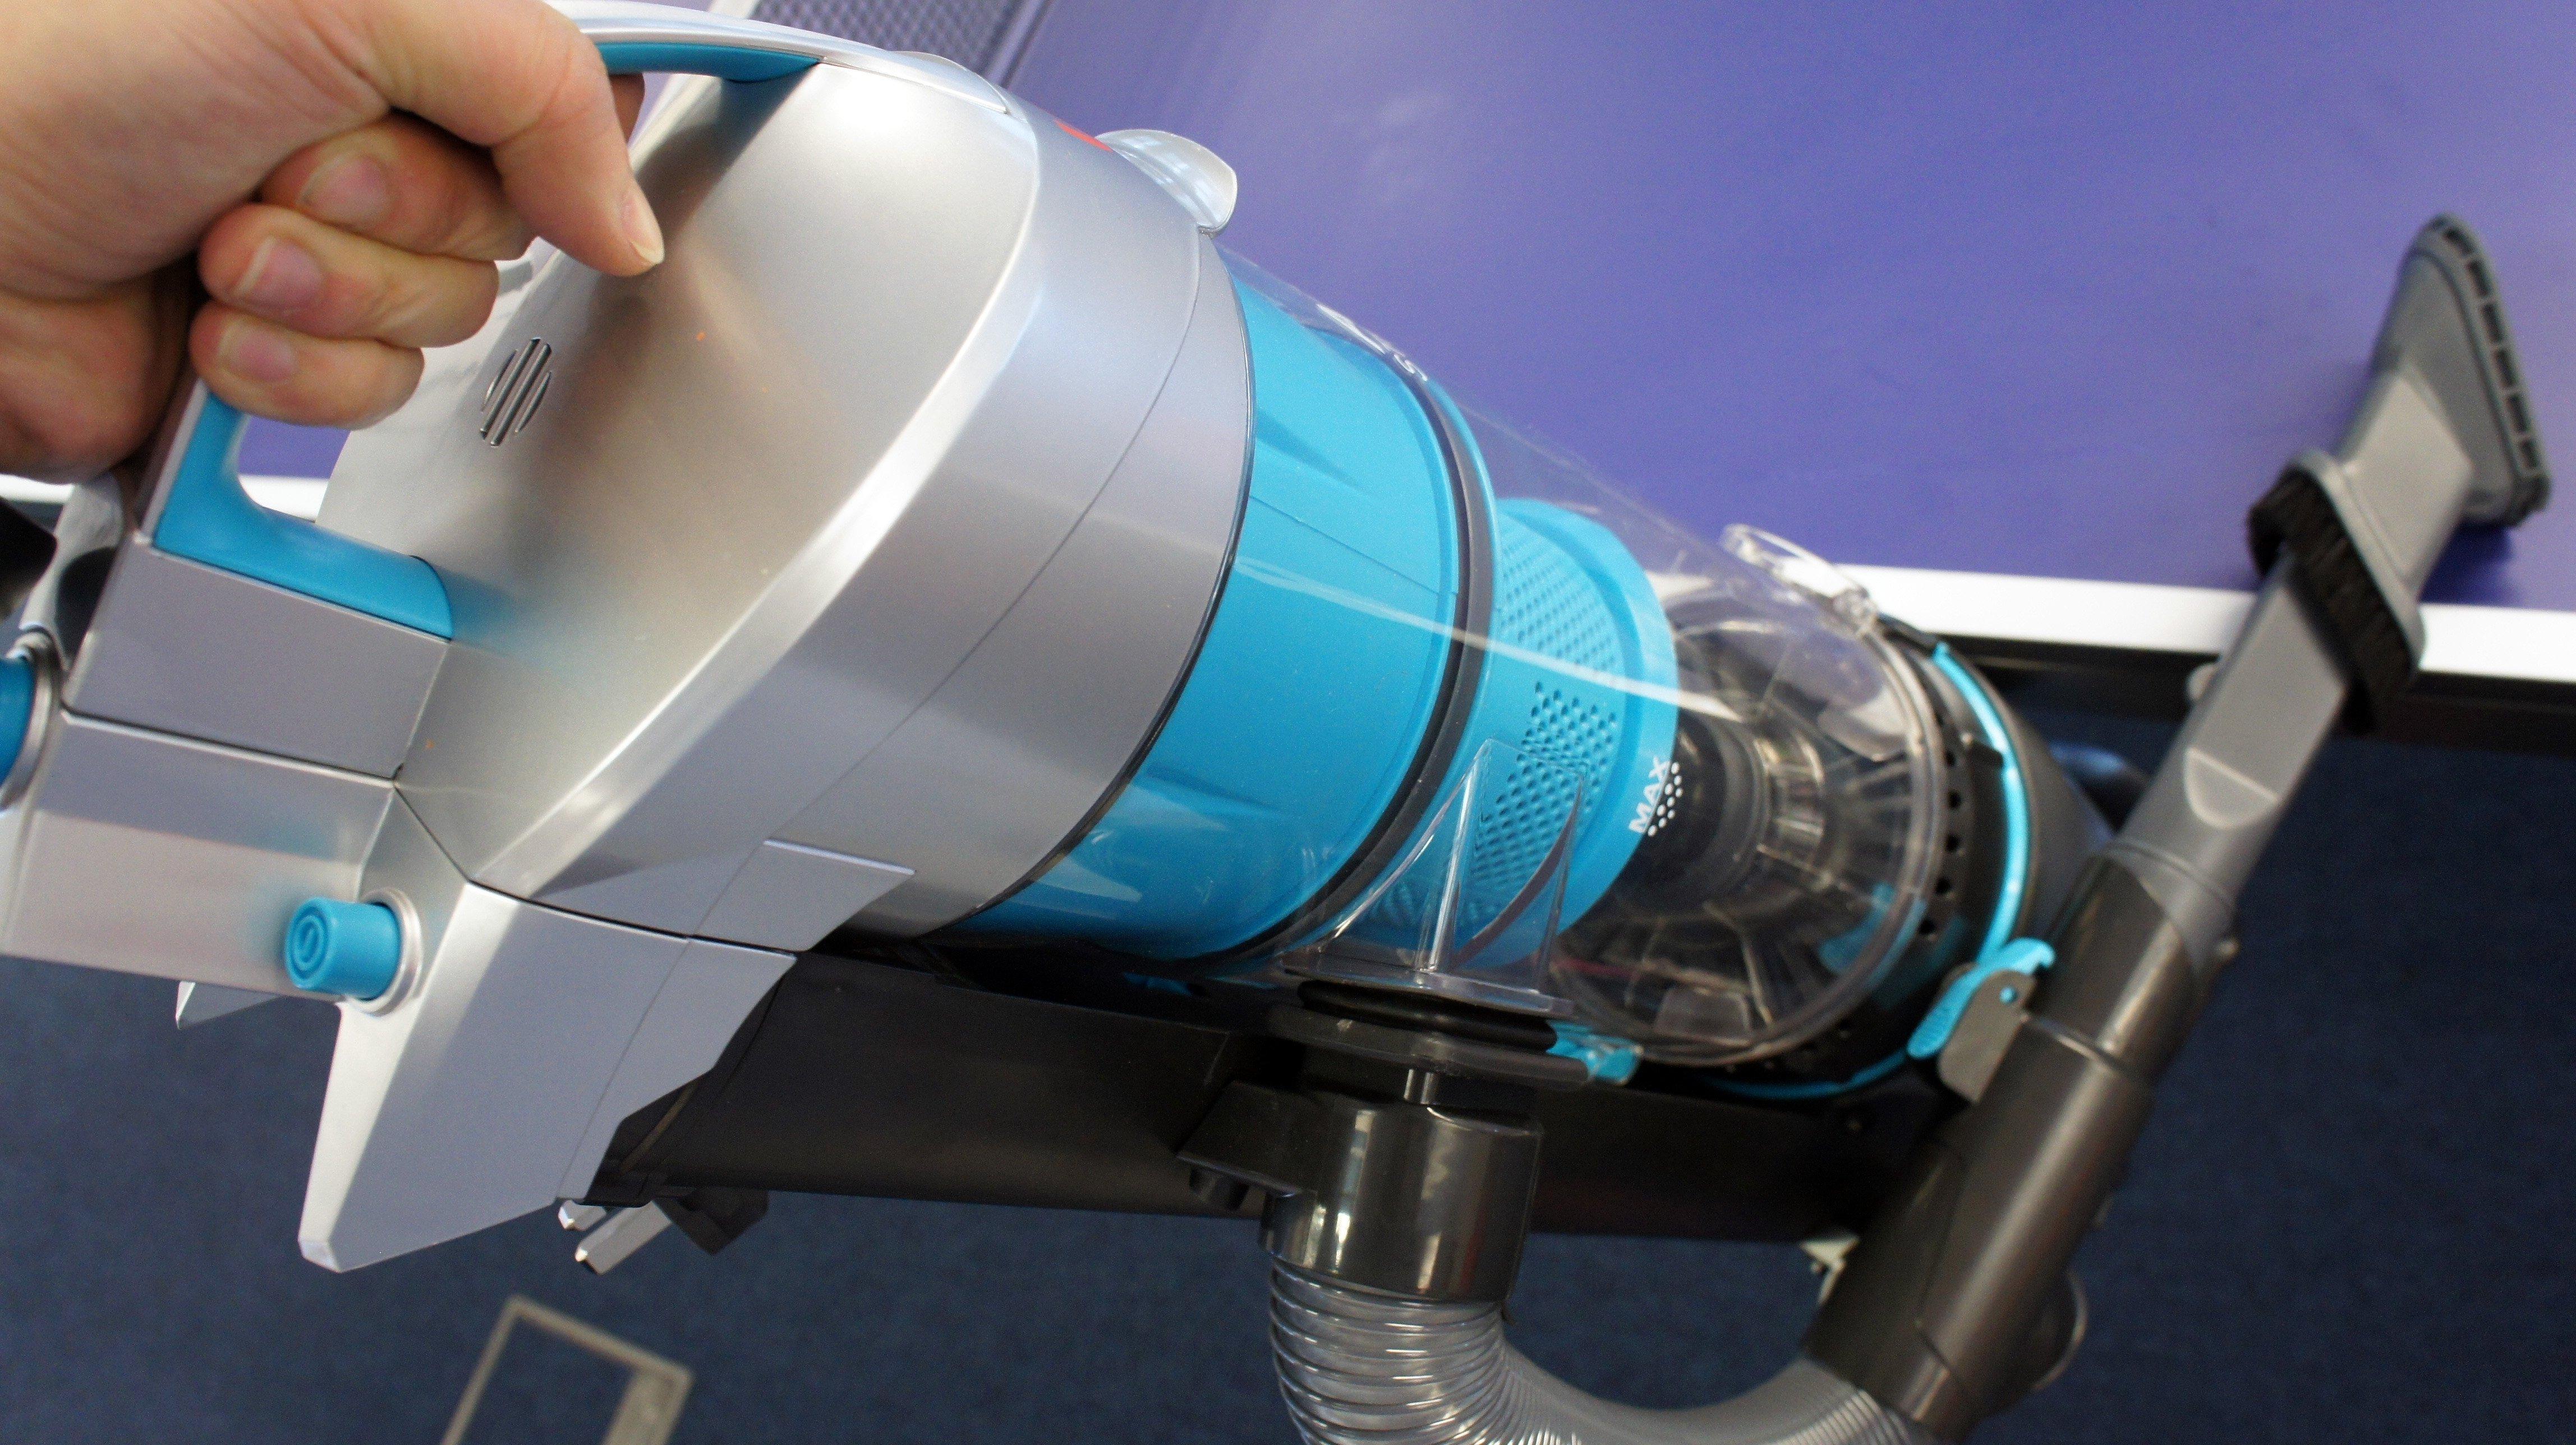 vax air lift steerable pet handheld